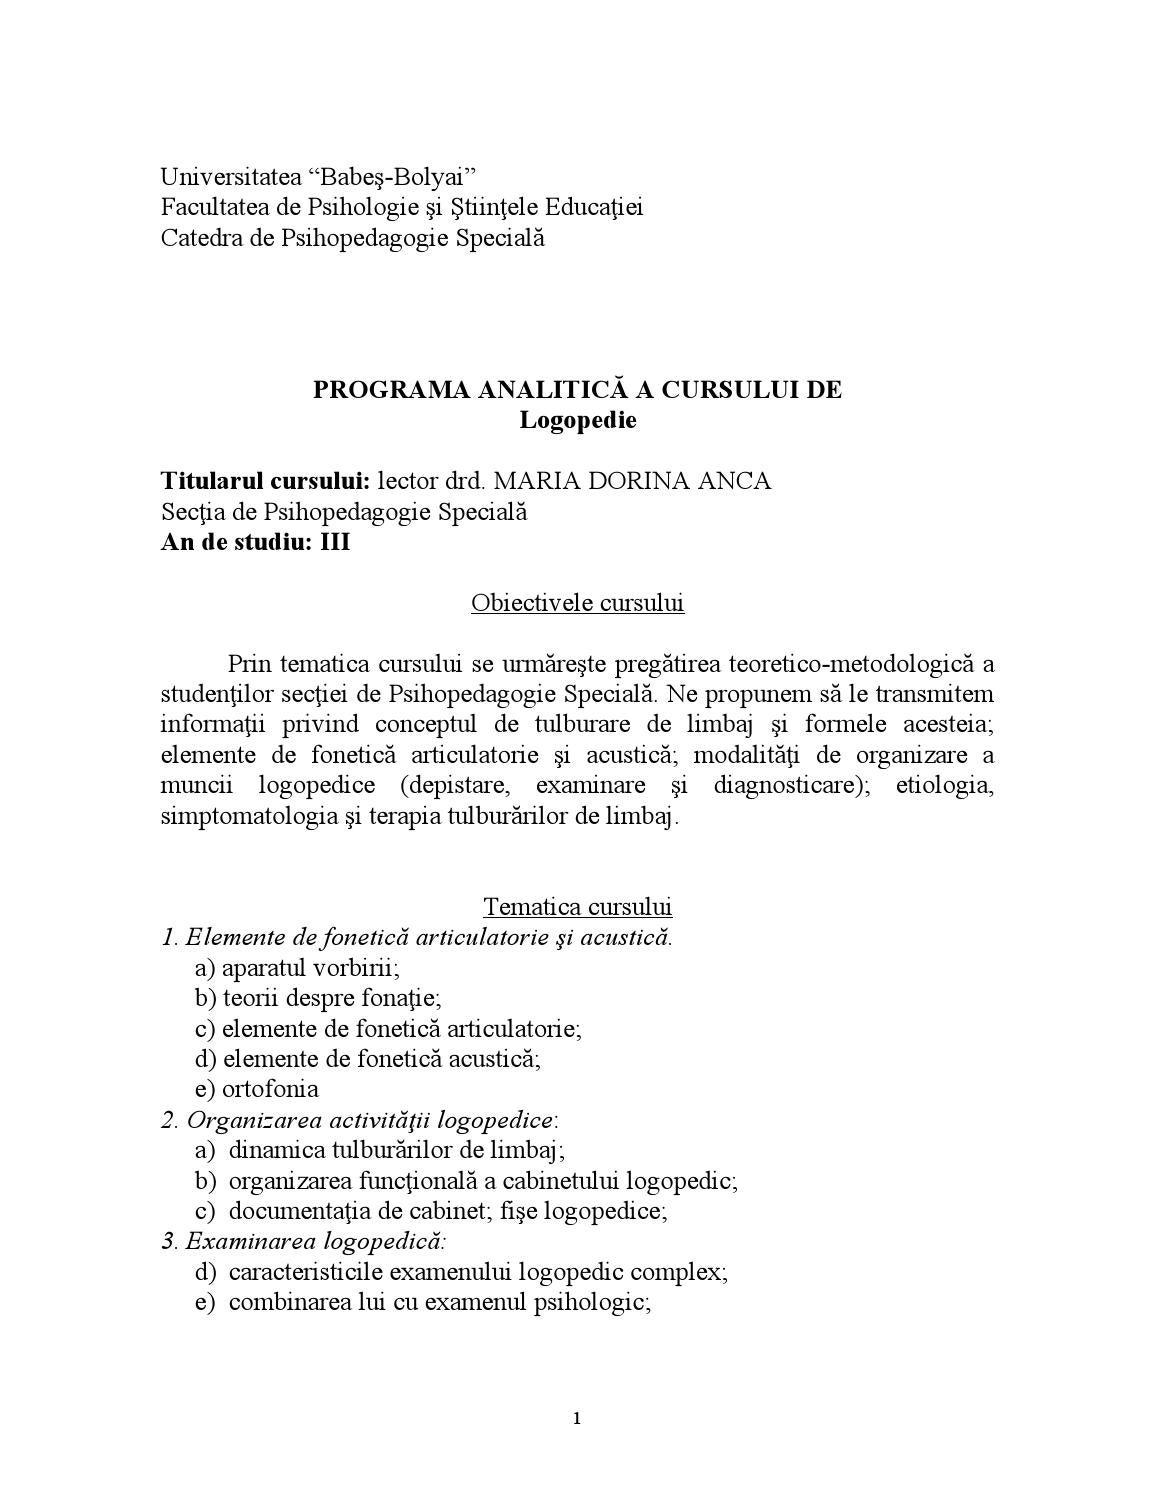 (PDF) Diagnosticarea şi clasificarea tulburărilor de limbaj | Remus Florin - zemcenter.ro